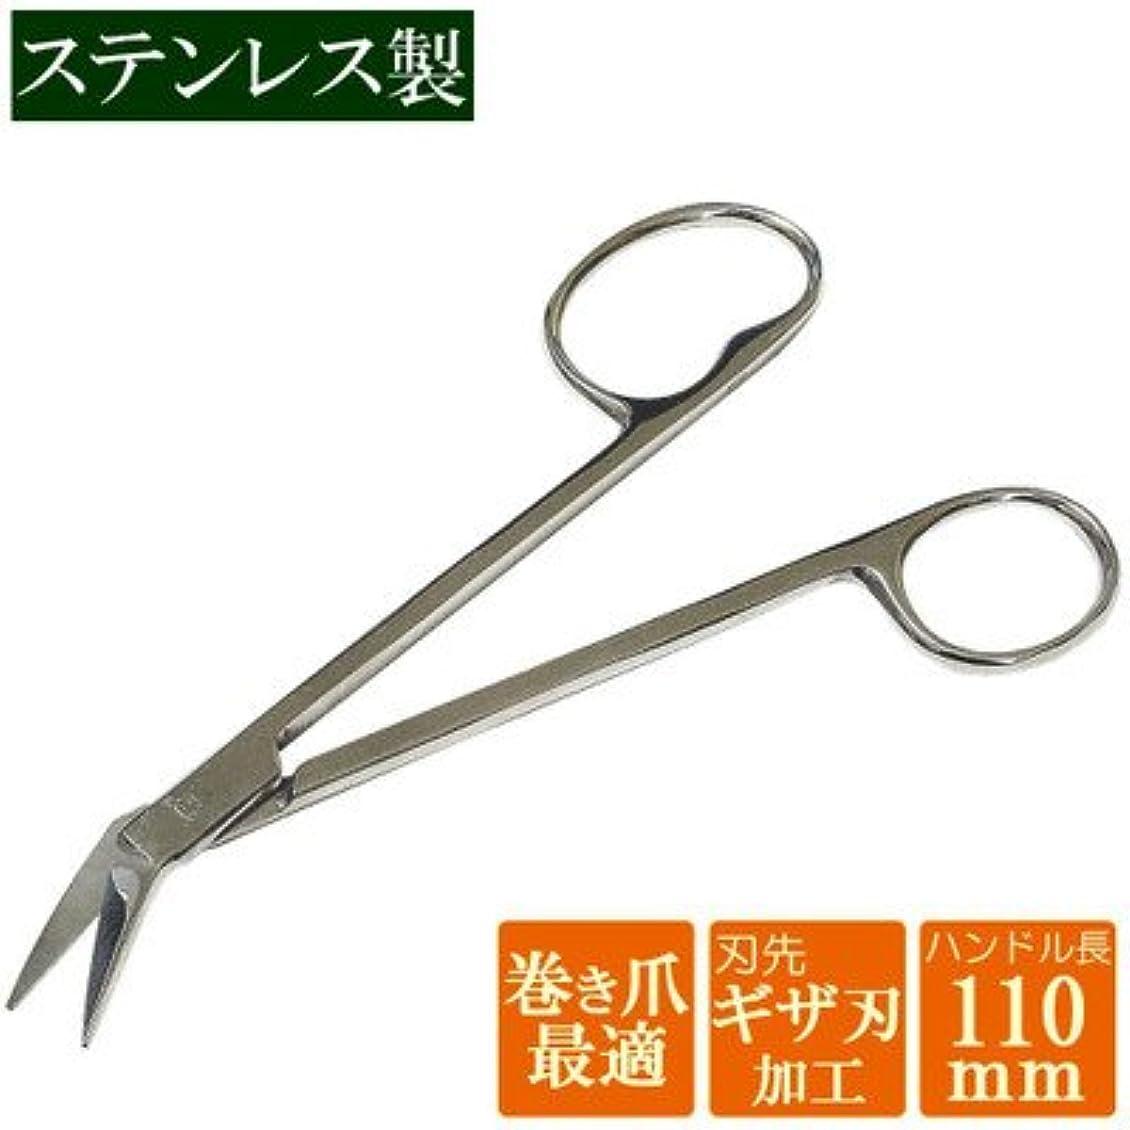 変換苦行生き残ります88021 ロング足用爪切りハサミ 自由なラインで切れる足用爪切りハサミ